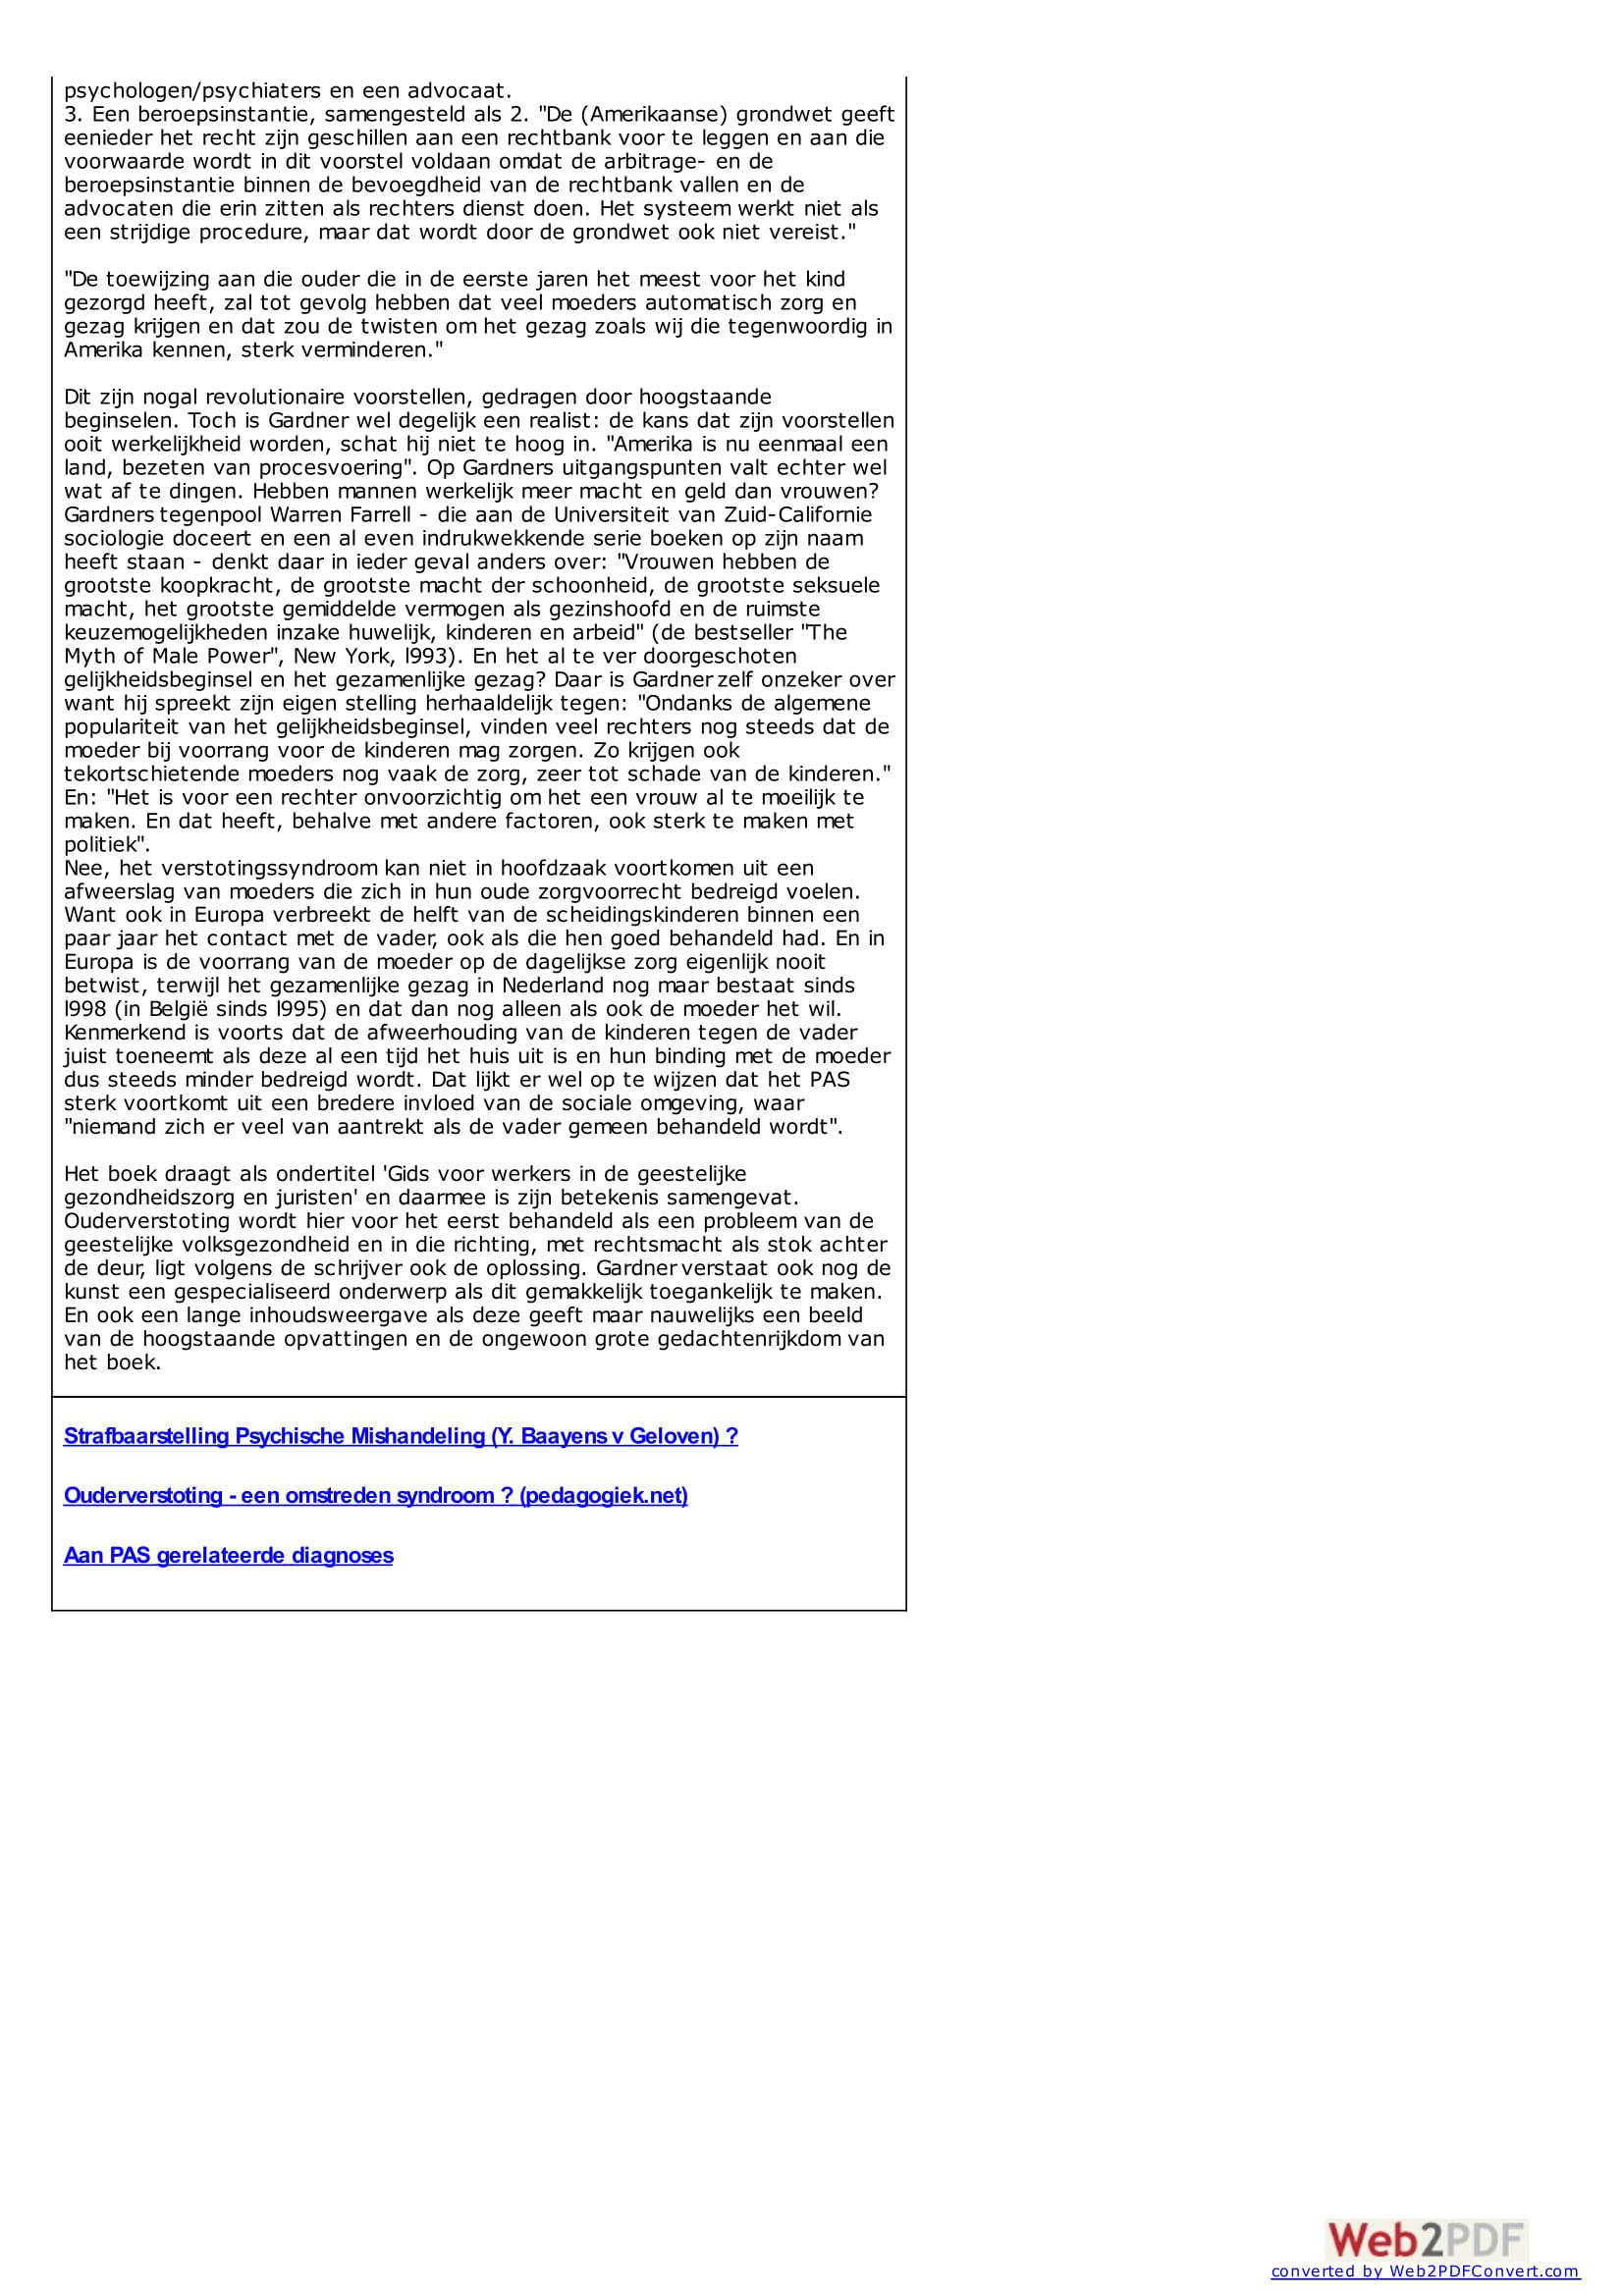 ouderverstoting-ned-robaltena-6jpg